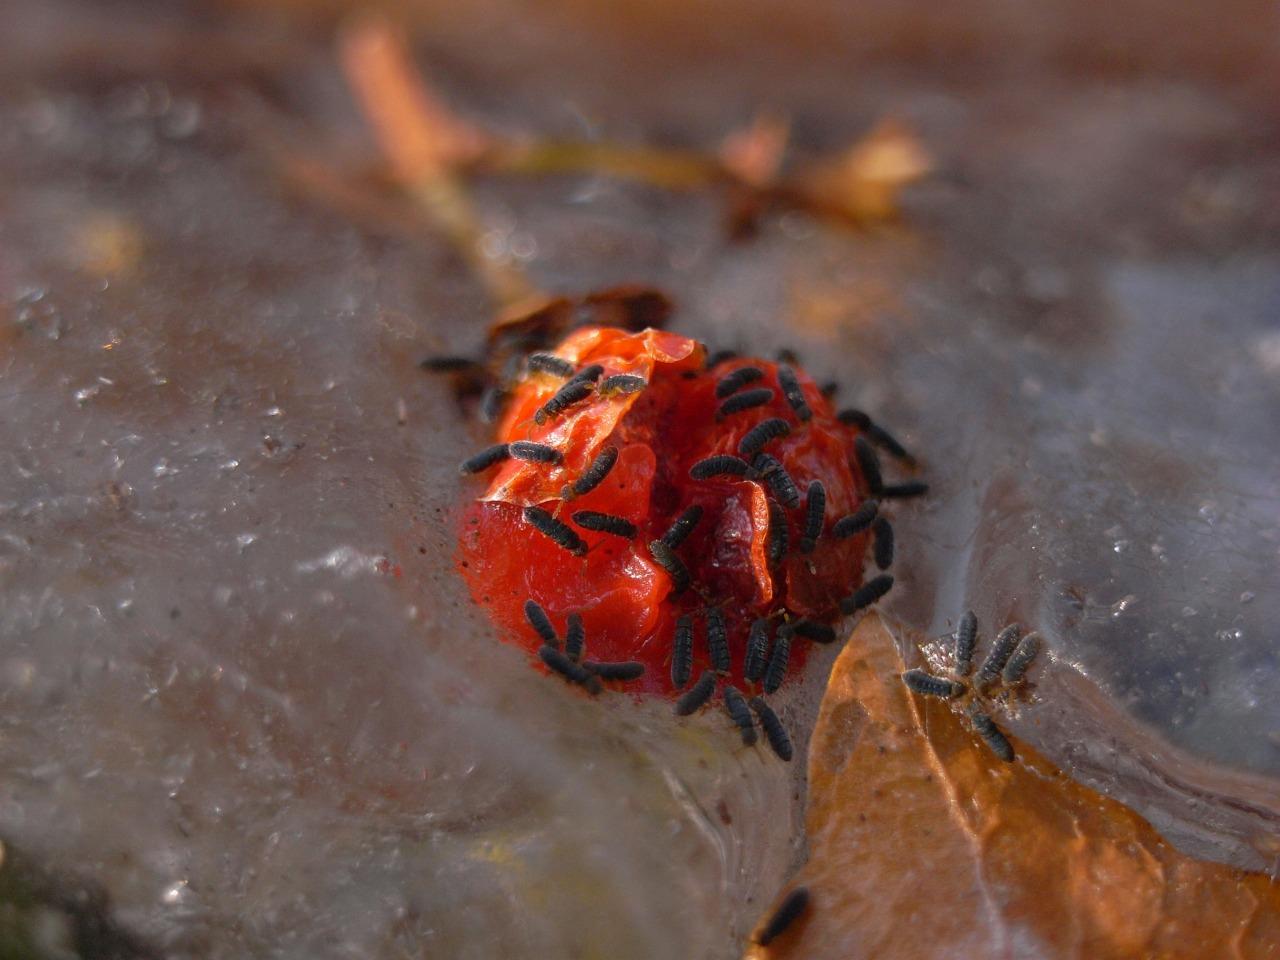 冬明けを告げる雪上の昆虫―トビムシ(その2)